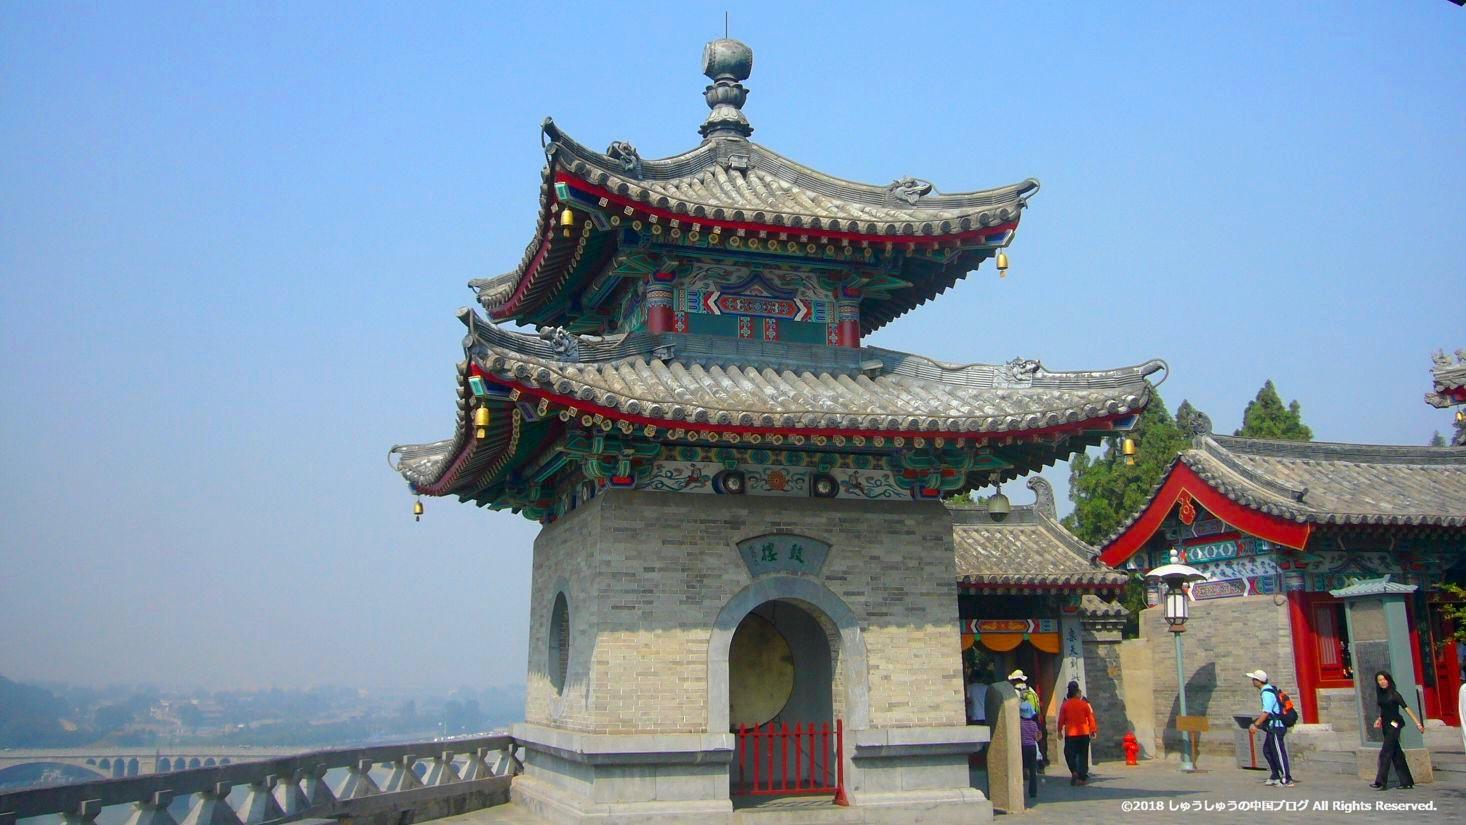 洛陽龍門石窟の香山寺